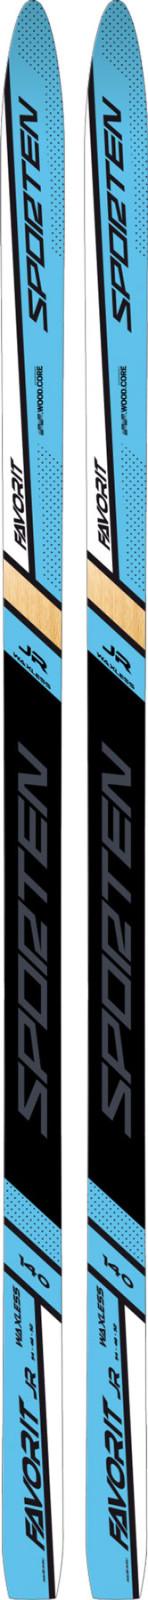 juniorskéběžecké lyže Sporten Favorit 54Mg JR